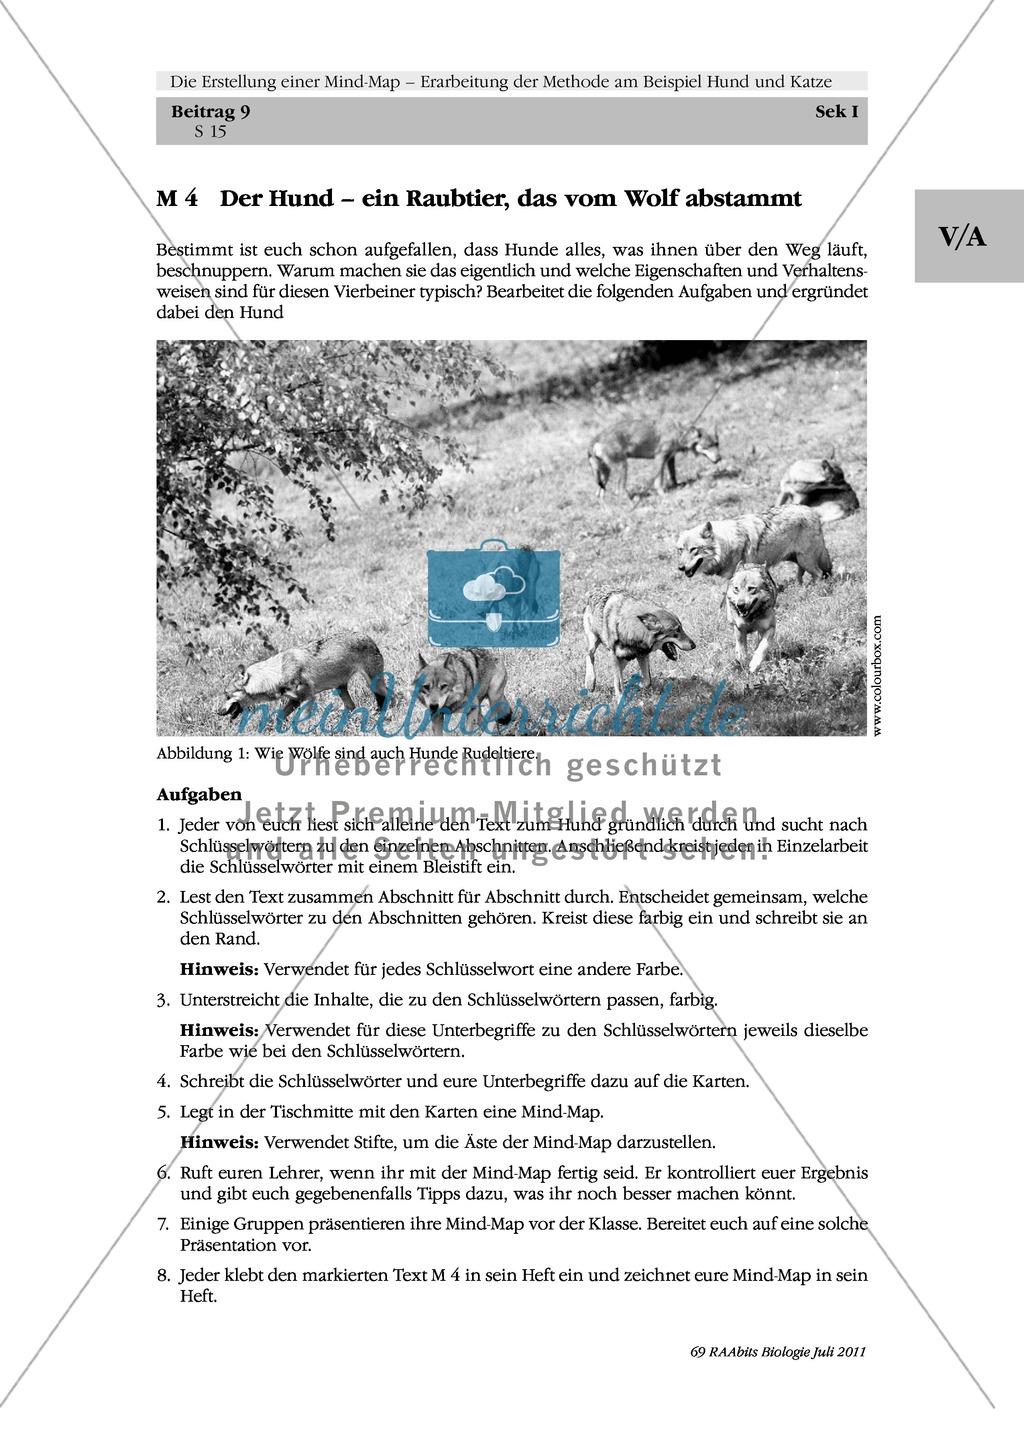 Methoden zu Erstellung einer Mind-Map: Informationstext zum Hund in Gruppenarbeit zu einer Mind-Map umstrukturieren und das Ergebnis präsentieren Preview 1